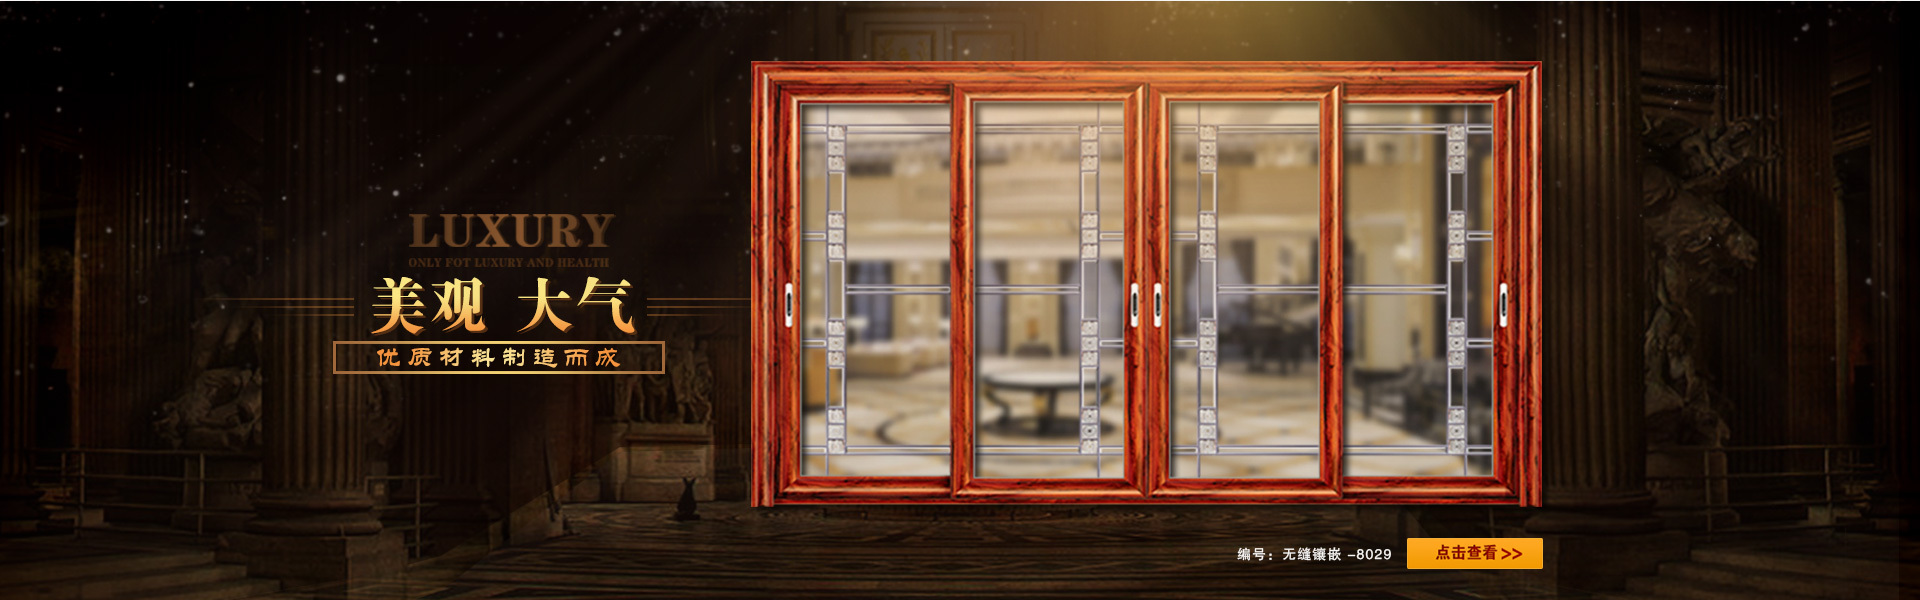 高要市金渡镇福美斯门业装饰厂专业生产阳台门、铝合金门、原木门、复合烤漆门及豪华实木门等产品。